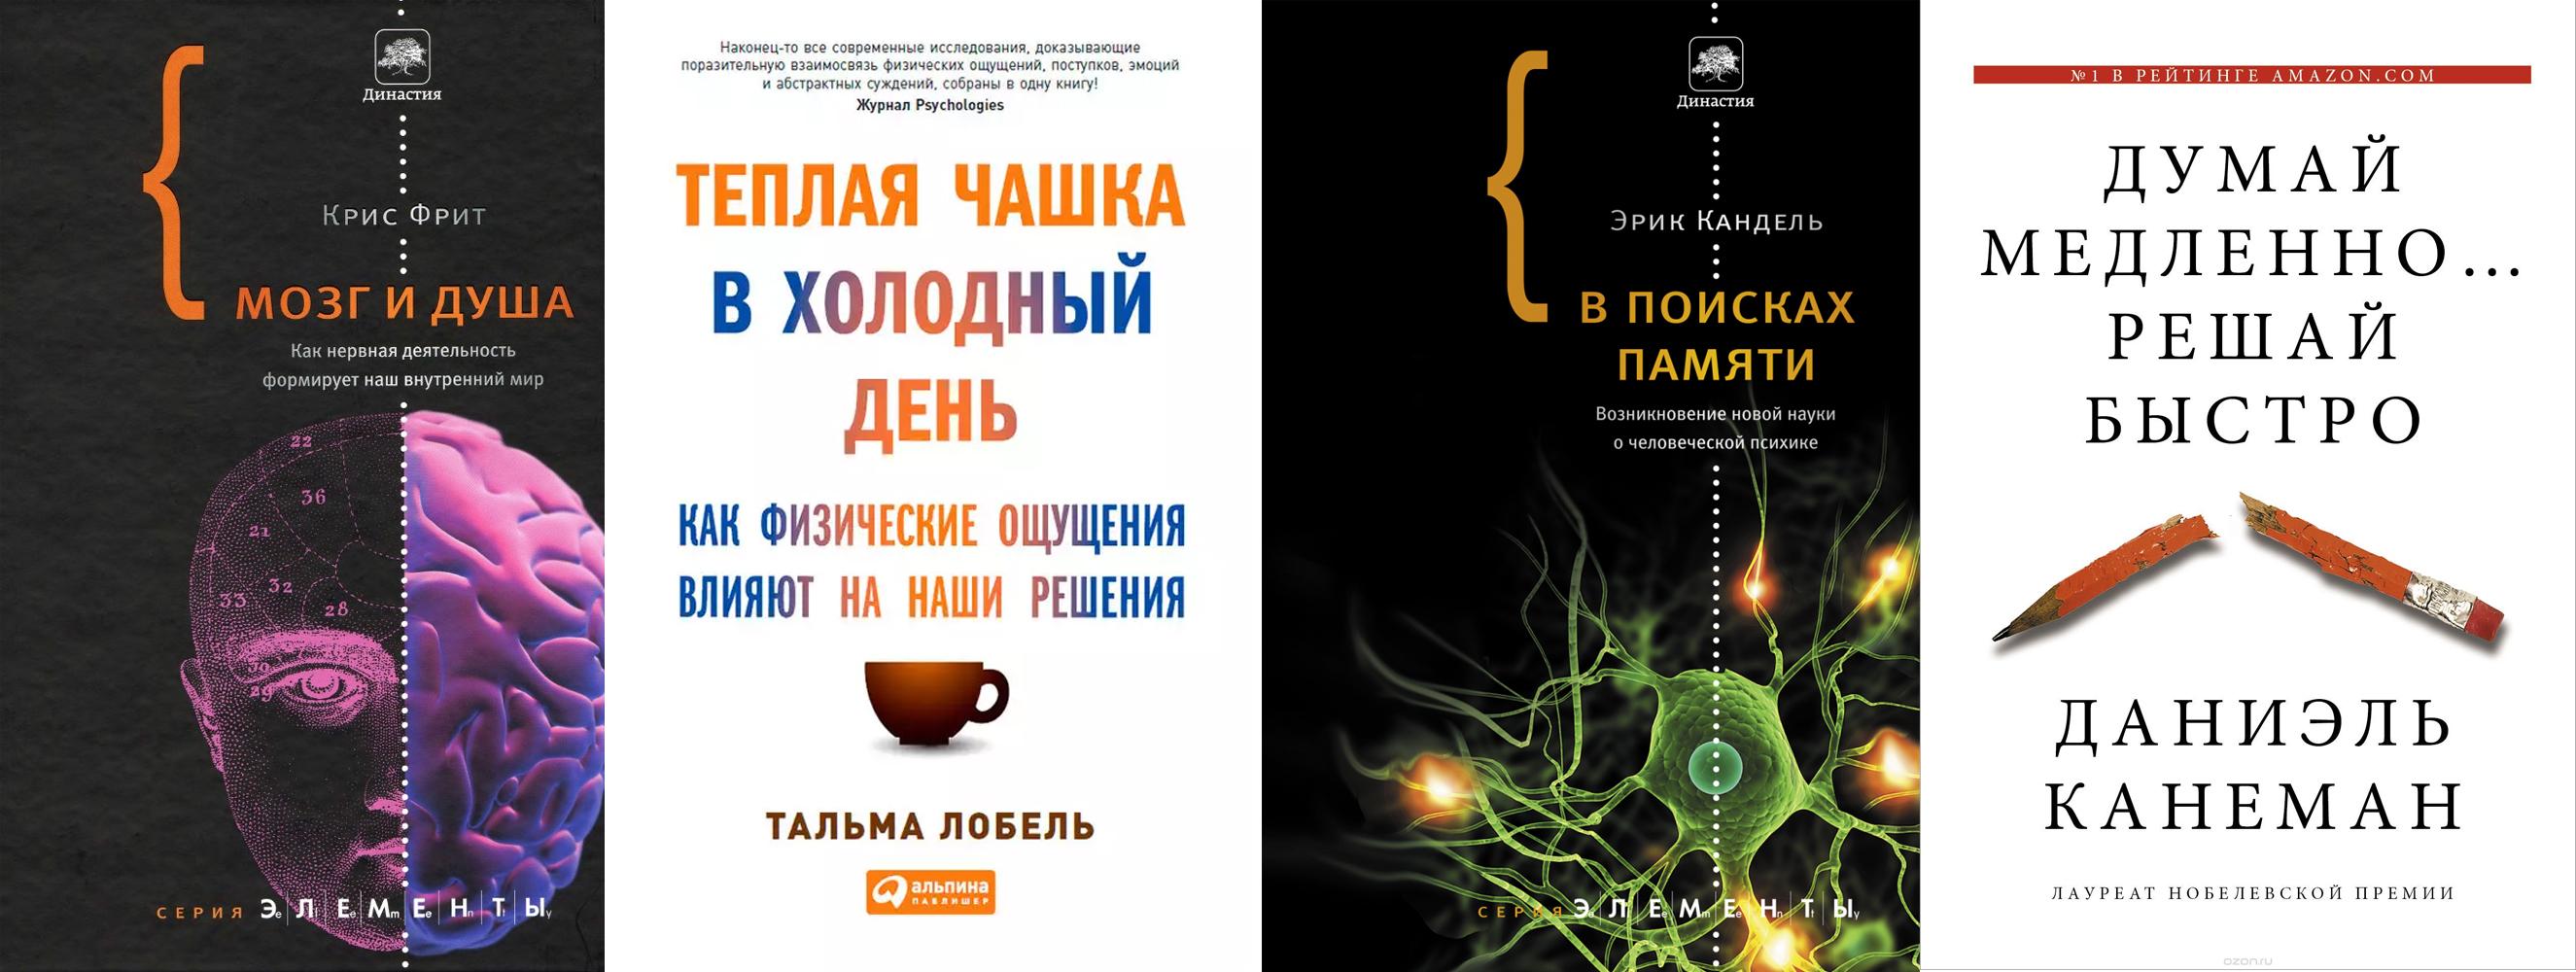 «Нейробиология — главная наука XXI века»: беседа с научным журналистом Асей Казанцевой 7